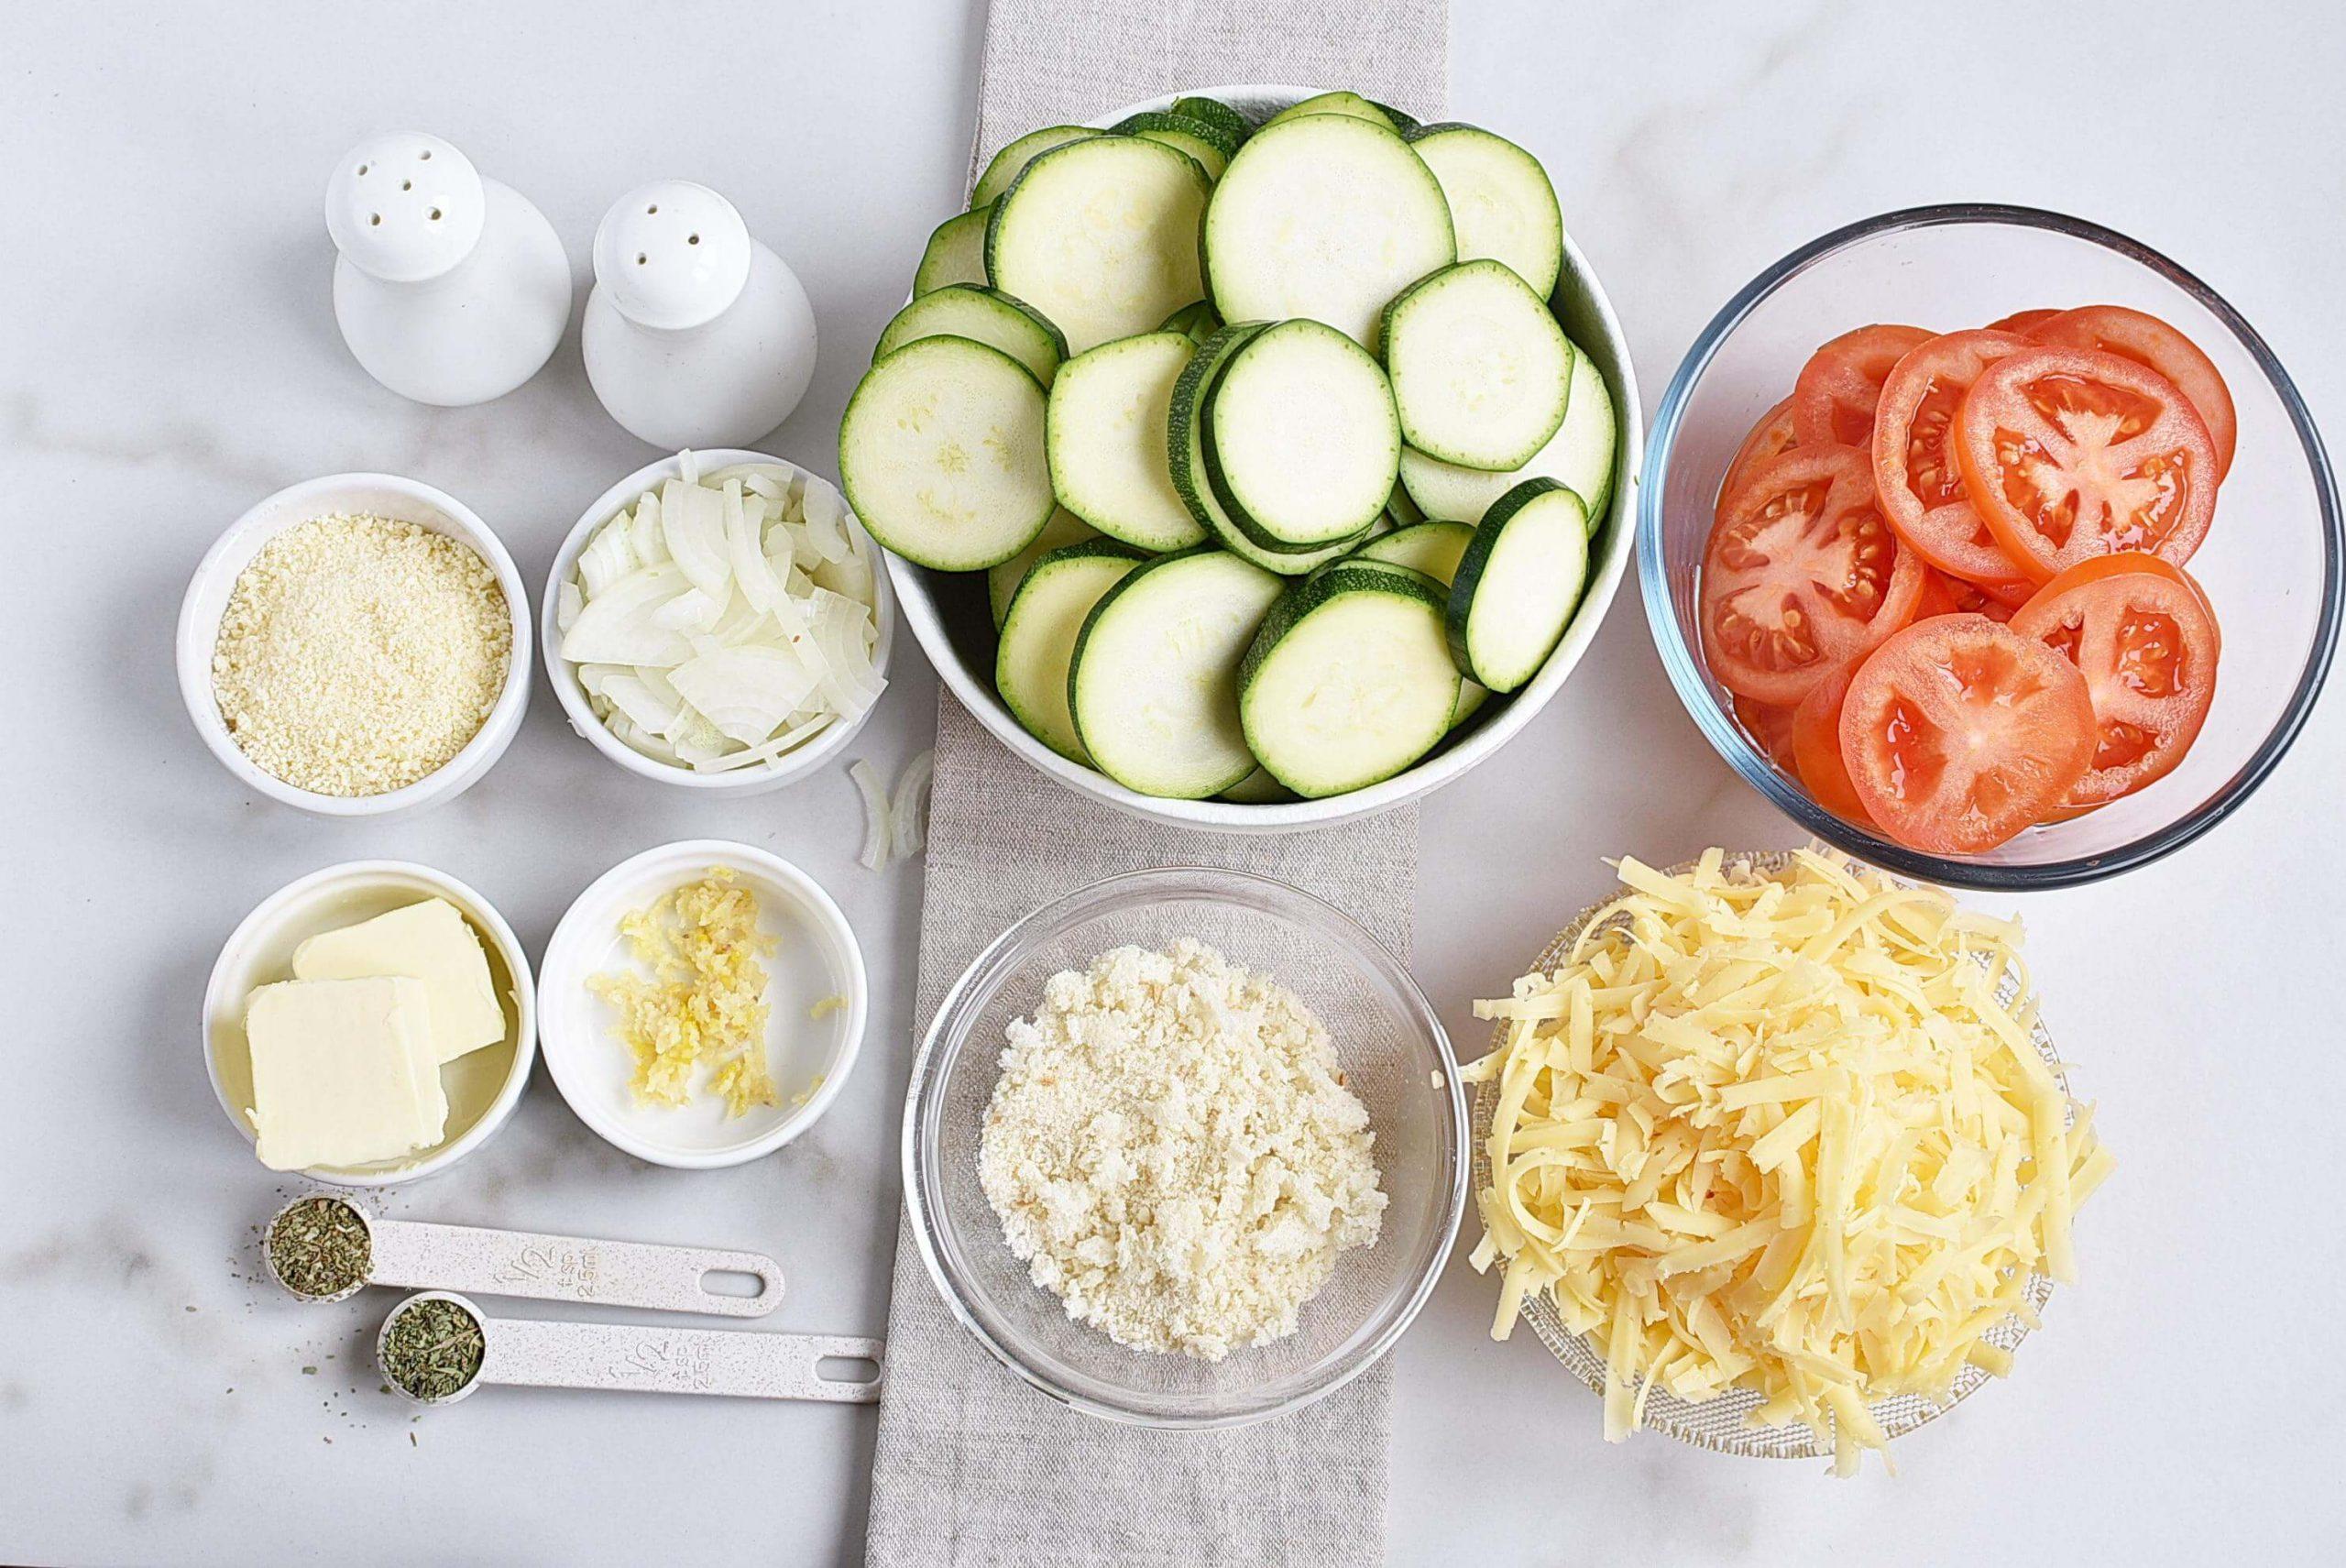 Ingridiens for Tomato Zucchini Casserole